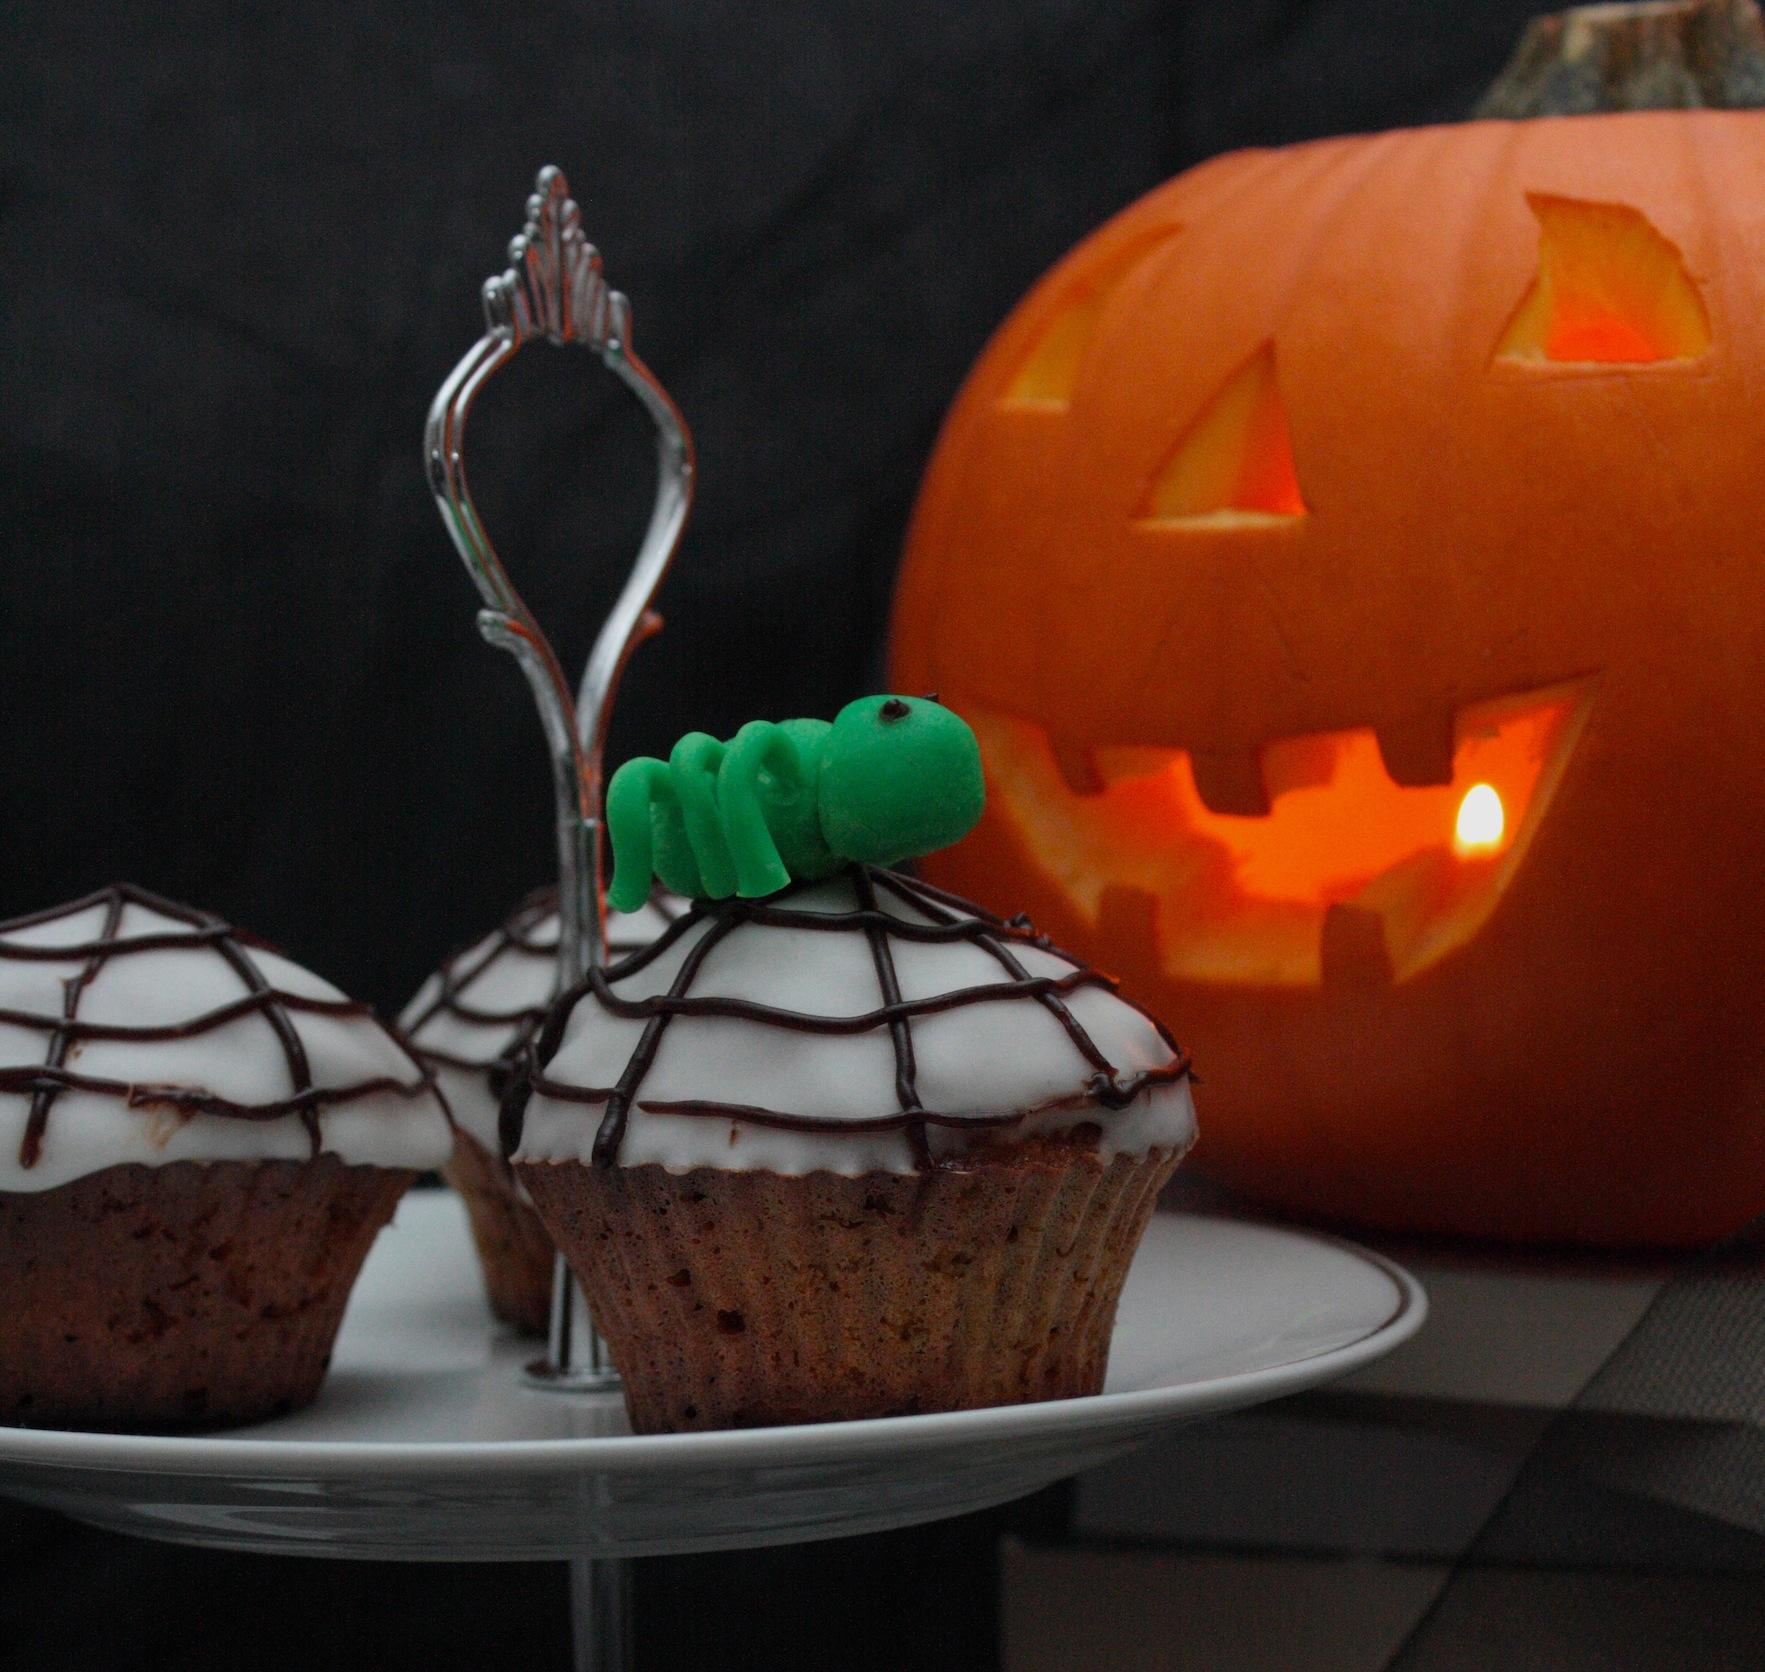 Les muffins Carrot cake, glaçage araignée